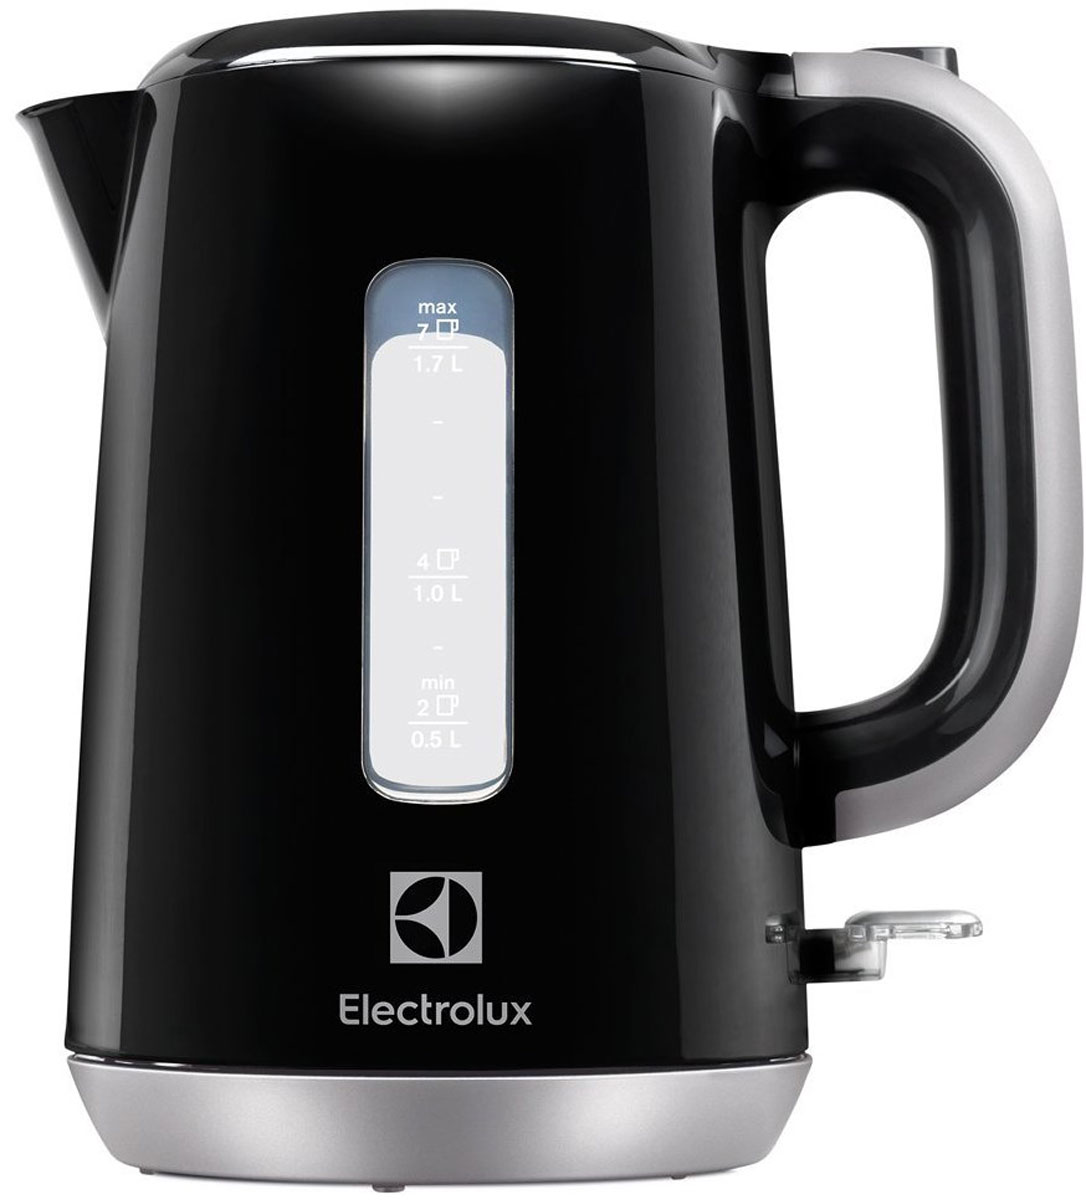 Electrolux EEWA 3300, Black чайникEEWA 3300Простой в управлении электрический чайник Electrolux EEWA 3300 станет незаменимым помощником на кухне или в офисе. Корпус выполнен из пластика. Чайник оснащен защитой от перегрева и включения без воды, еще есть автоматическое выключение при снятии его с подставки. Имеется индикатор включения, индикатор уровня воды, а также съемный фильтр для очистки воды. Данная модель устанавливается на удобную подставку и может вращаться на 360 градусов.